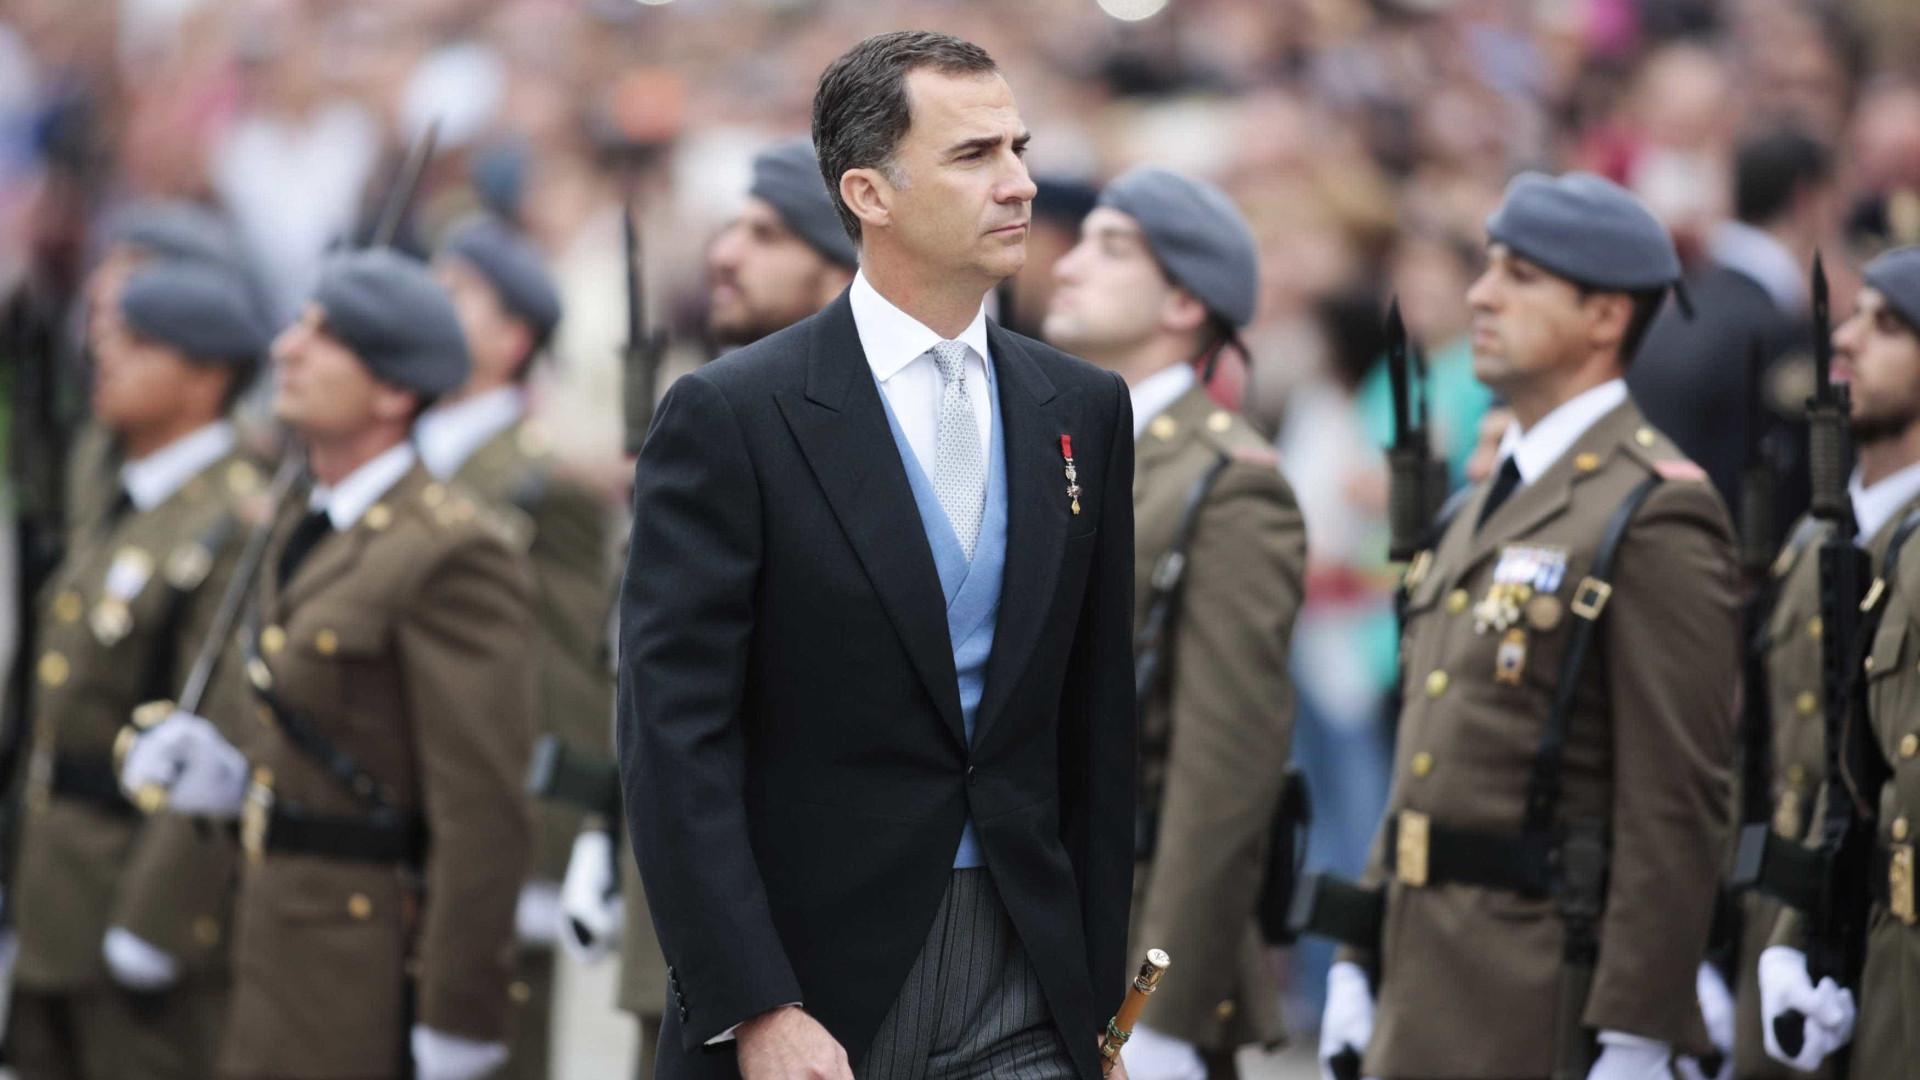 Nova Monarquia espanhola despede-se de luxos